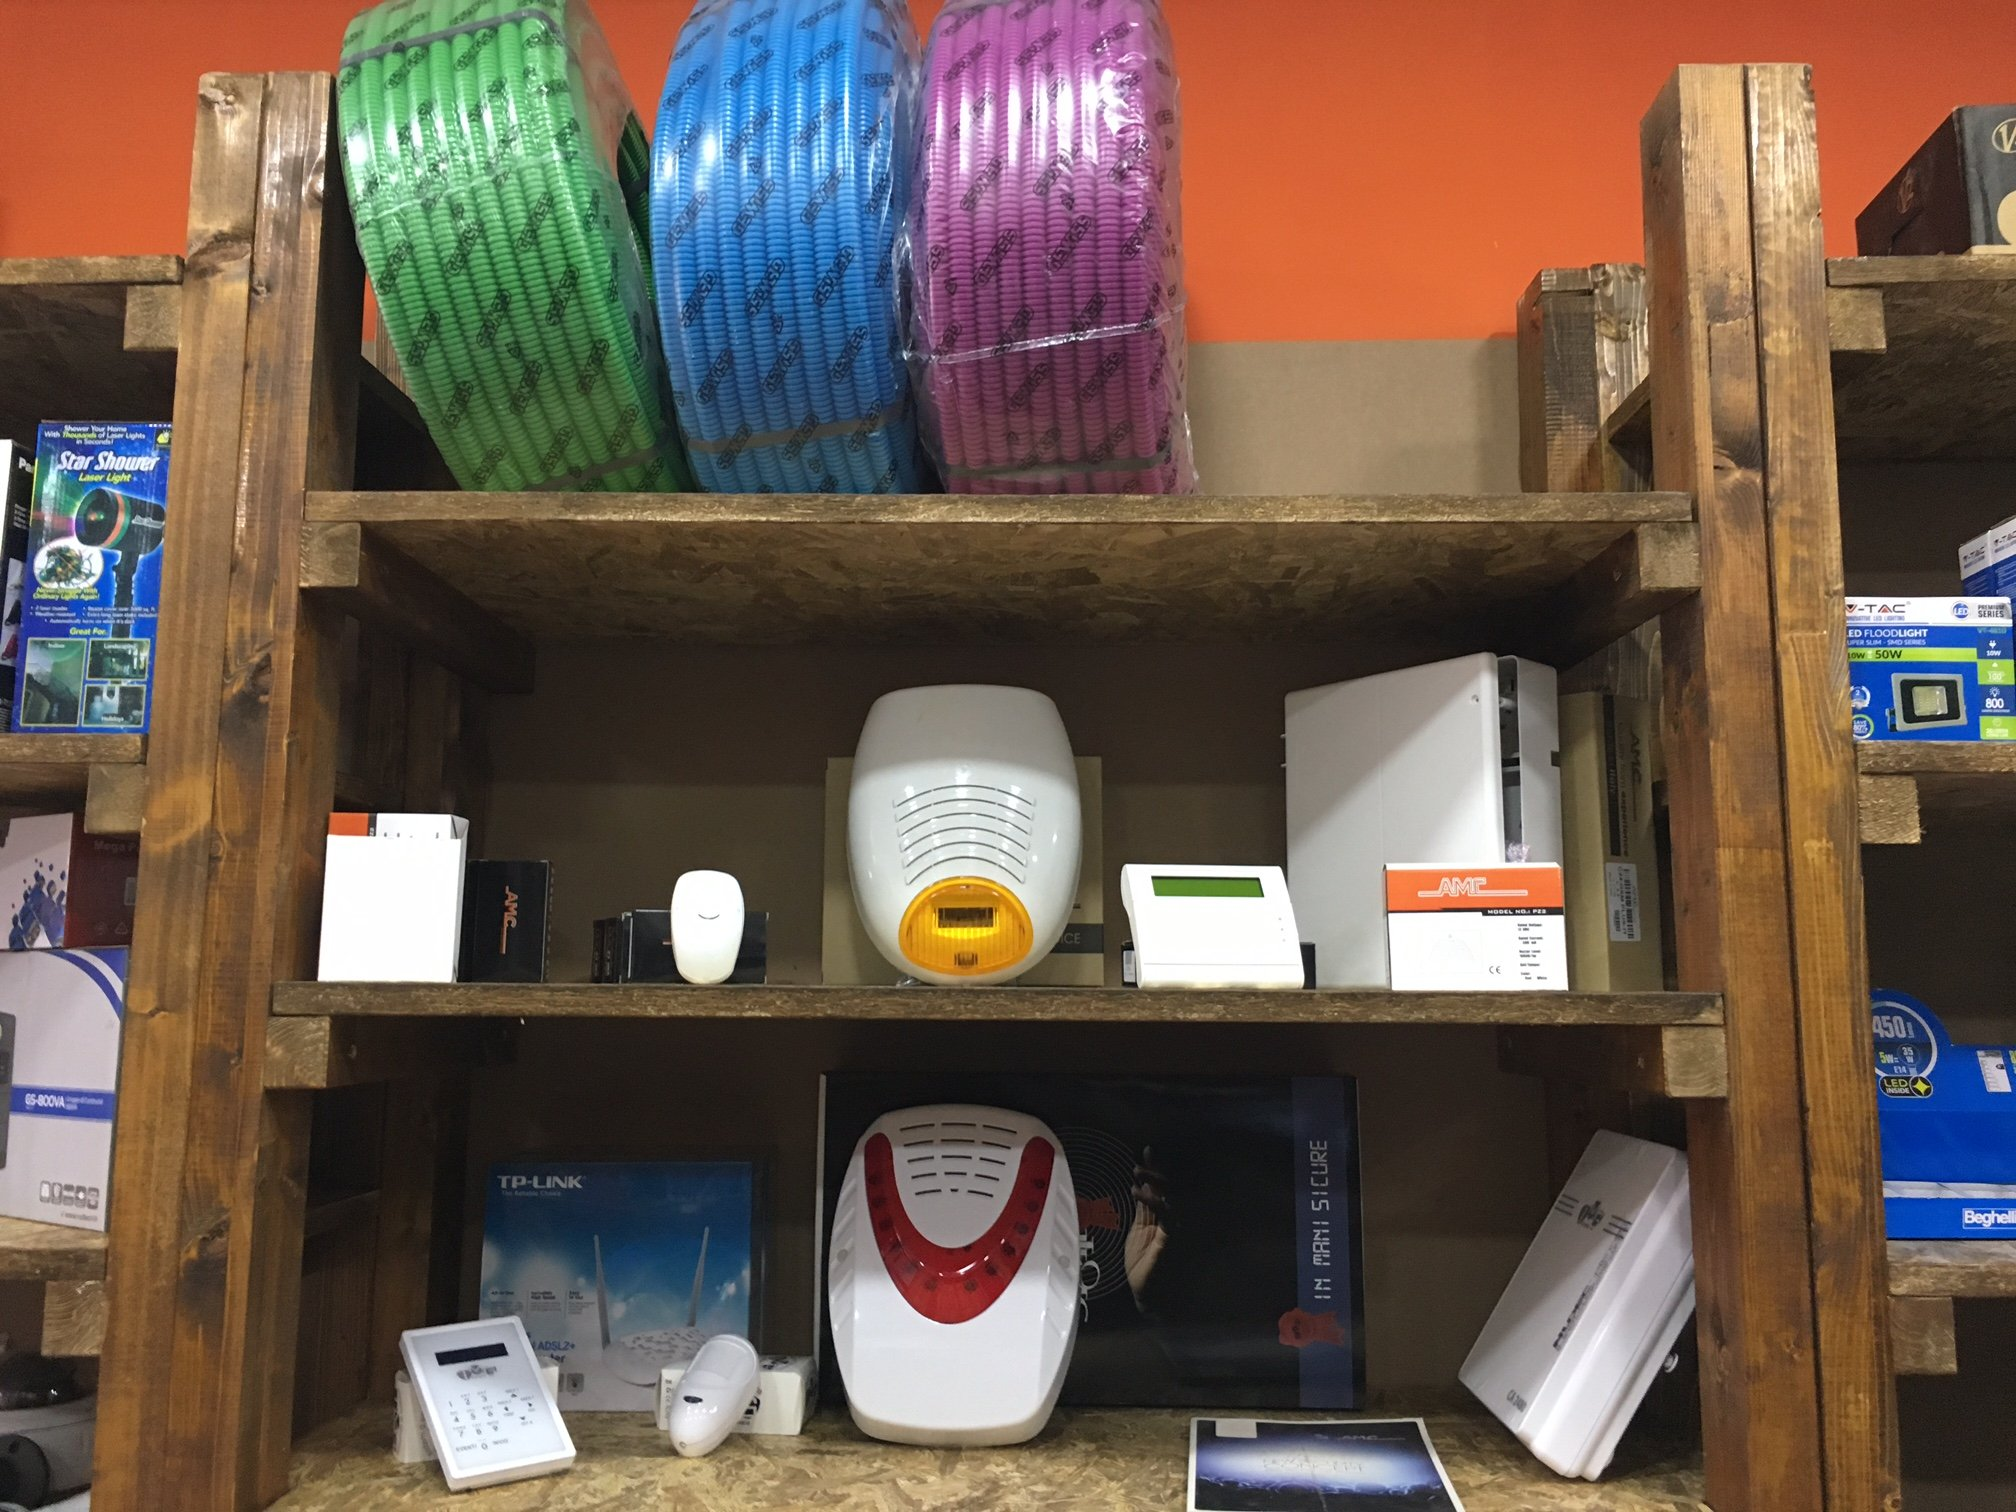 dei dispositivi di allarme e modem in uno scaffale